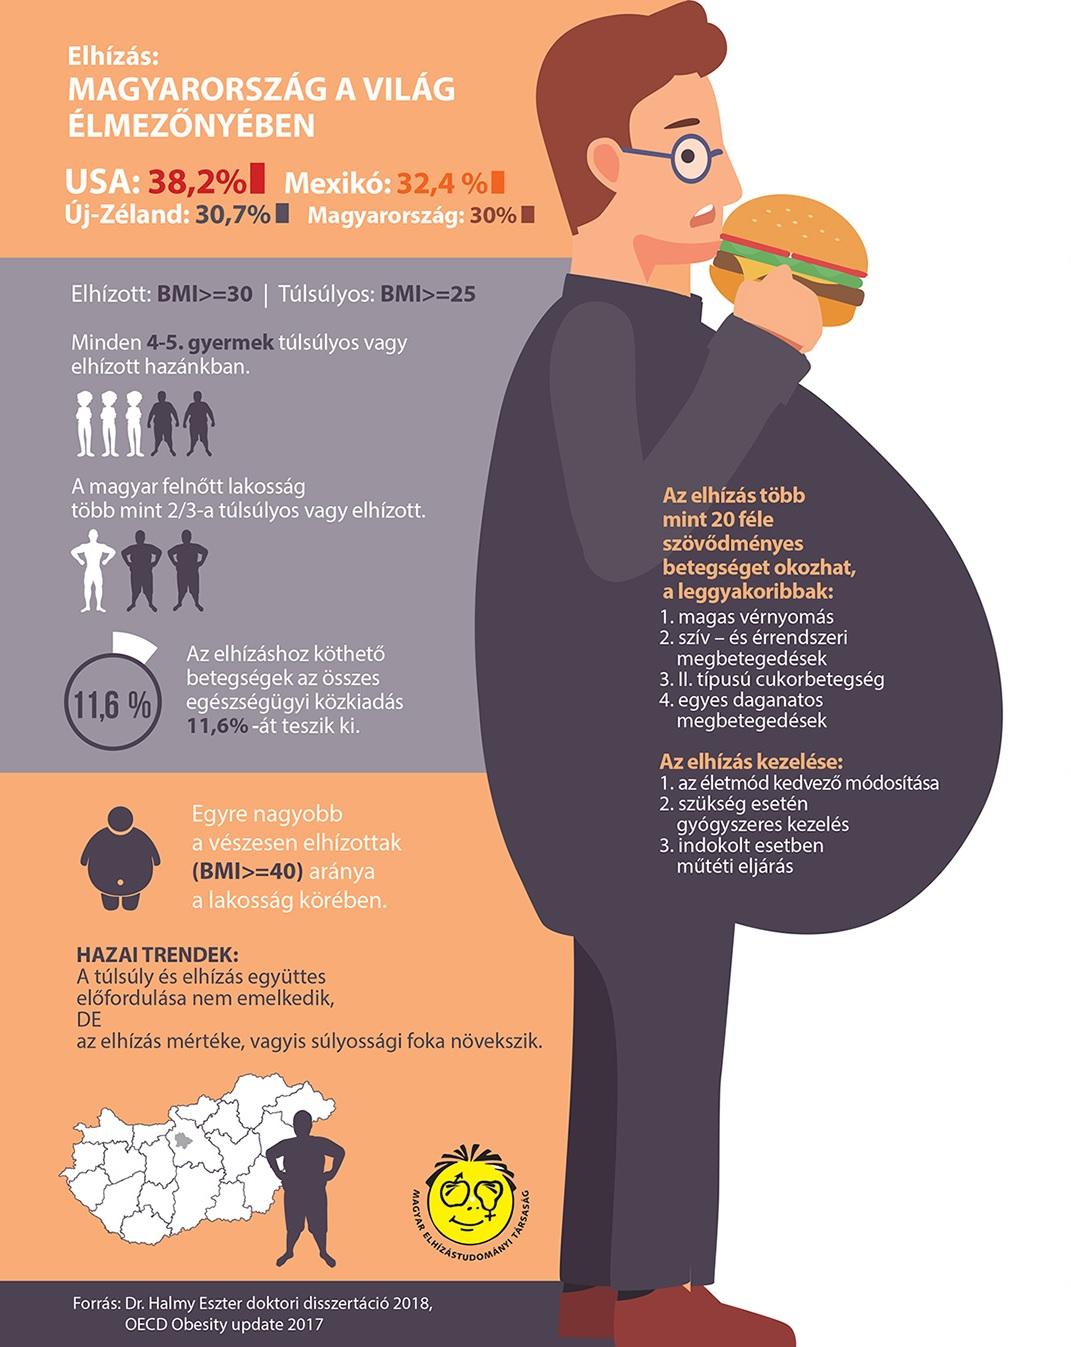 menü magas vérnyomás és elhízás esetén egy hétig